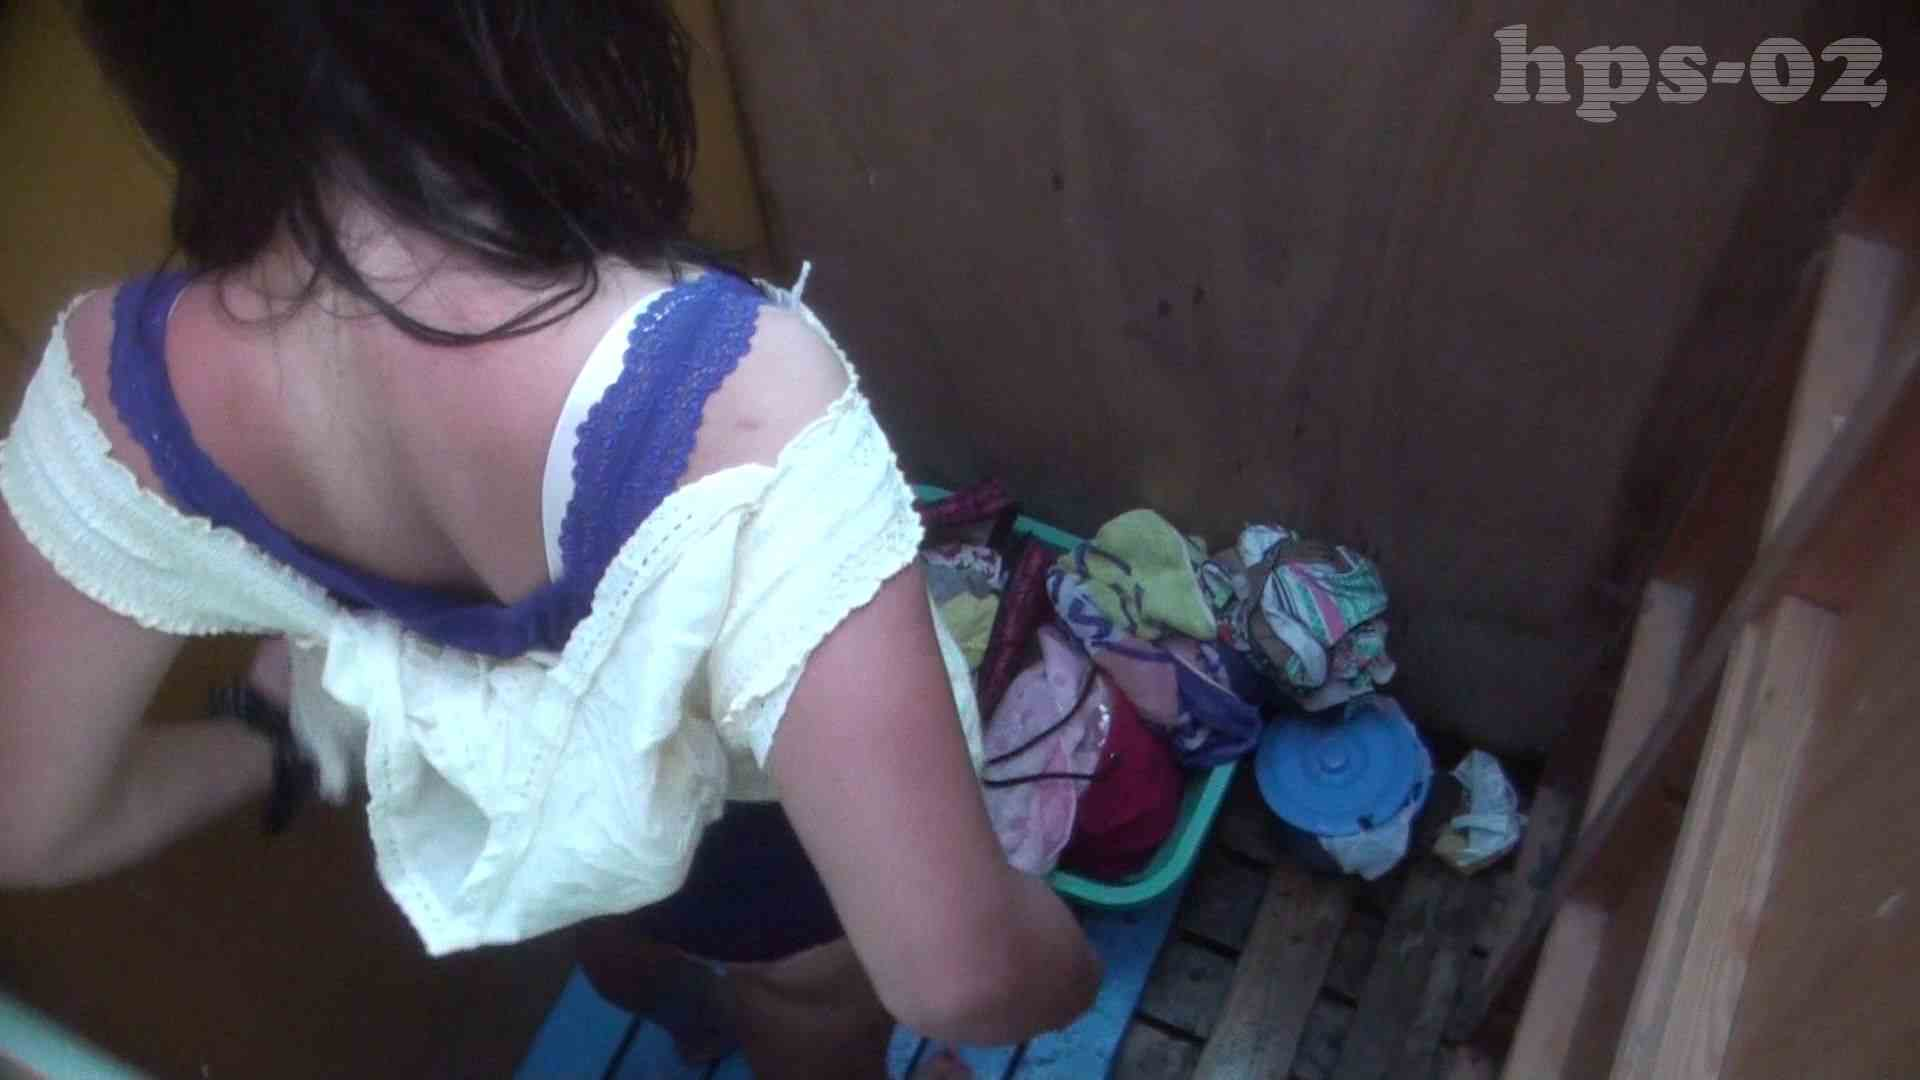 シャワールームは超!!危険な香りVol.2 カメラに目線をやるのですがまったく気が付きません。 OLセックス 隠し撮りオマンコ動画紹介 53画像 50